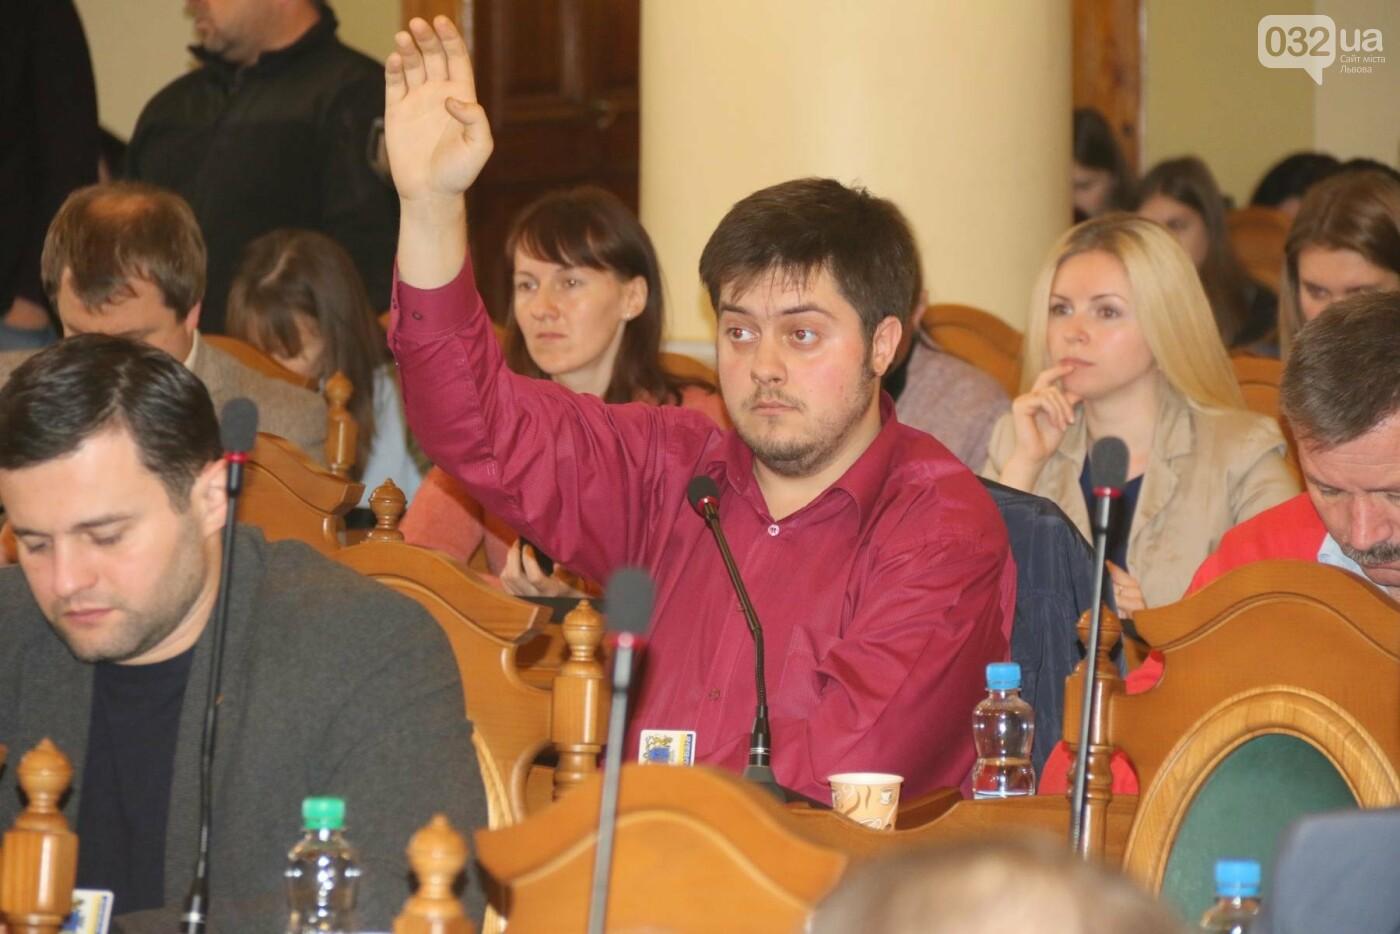 Фото: Назарій Юськів, 032.ua